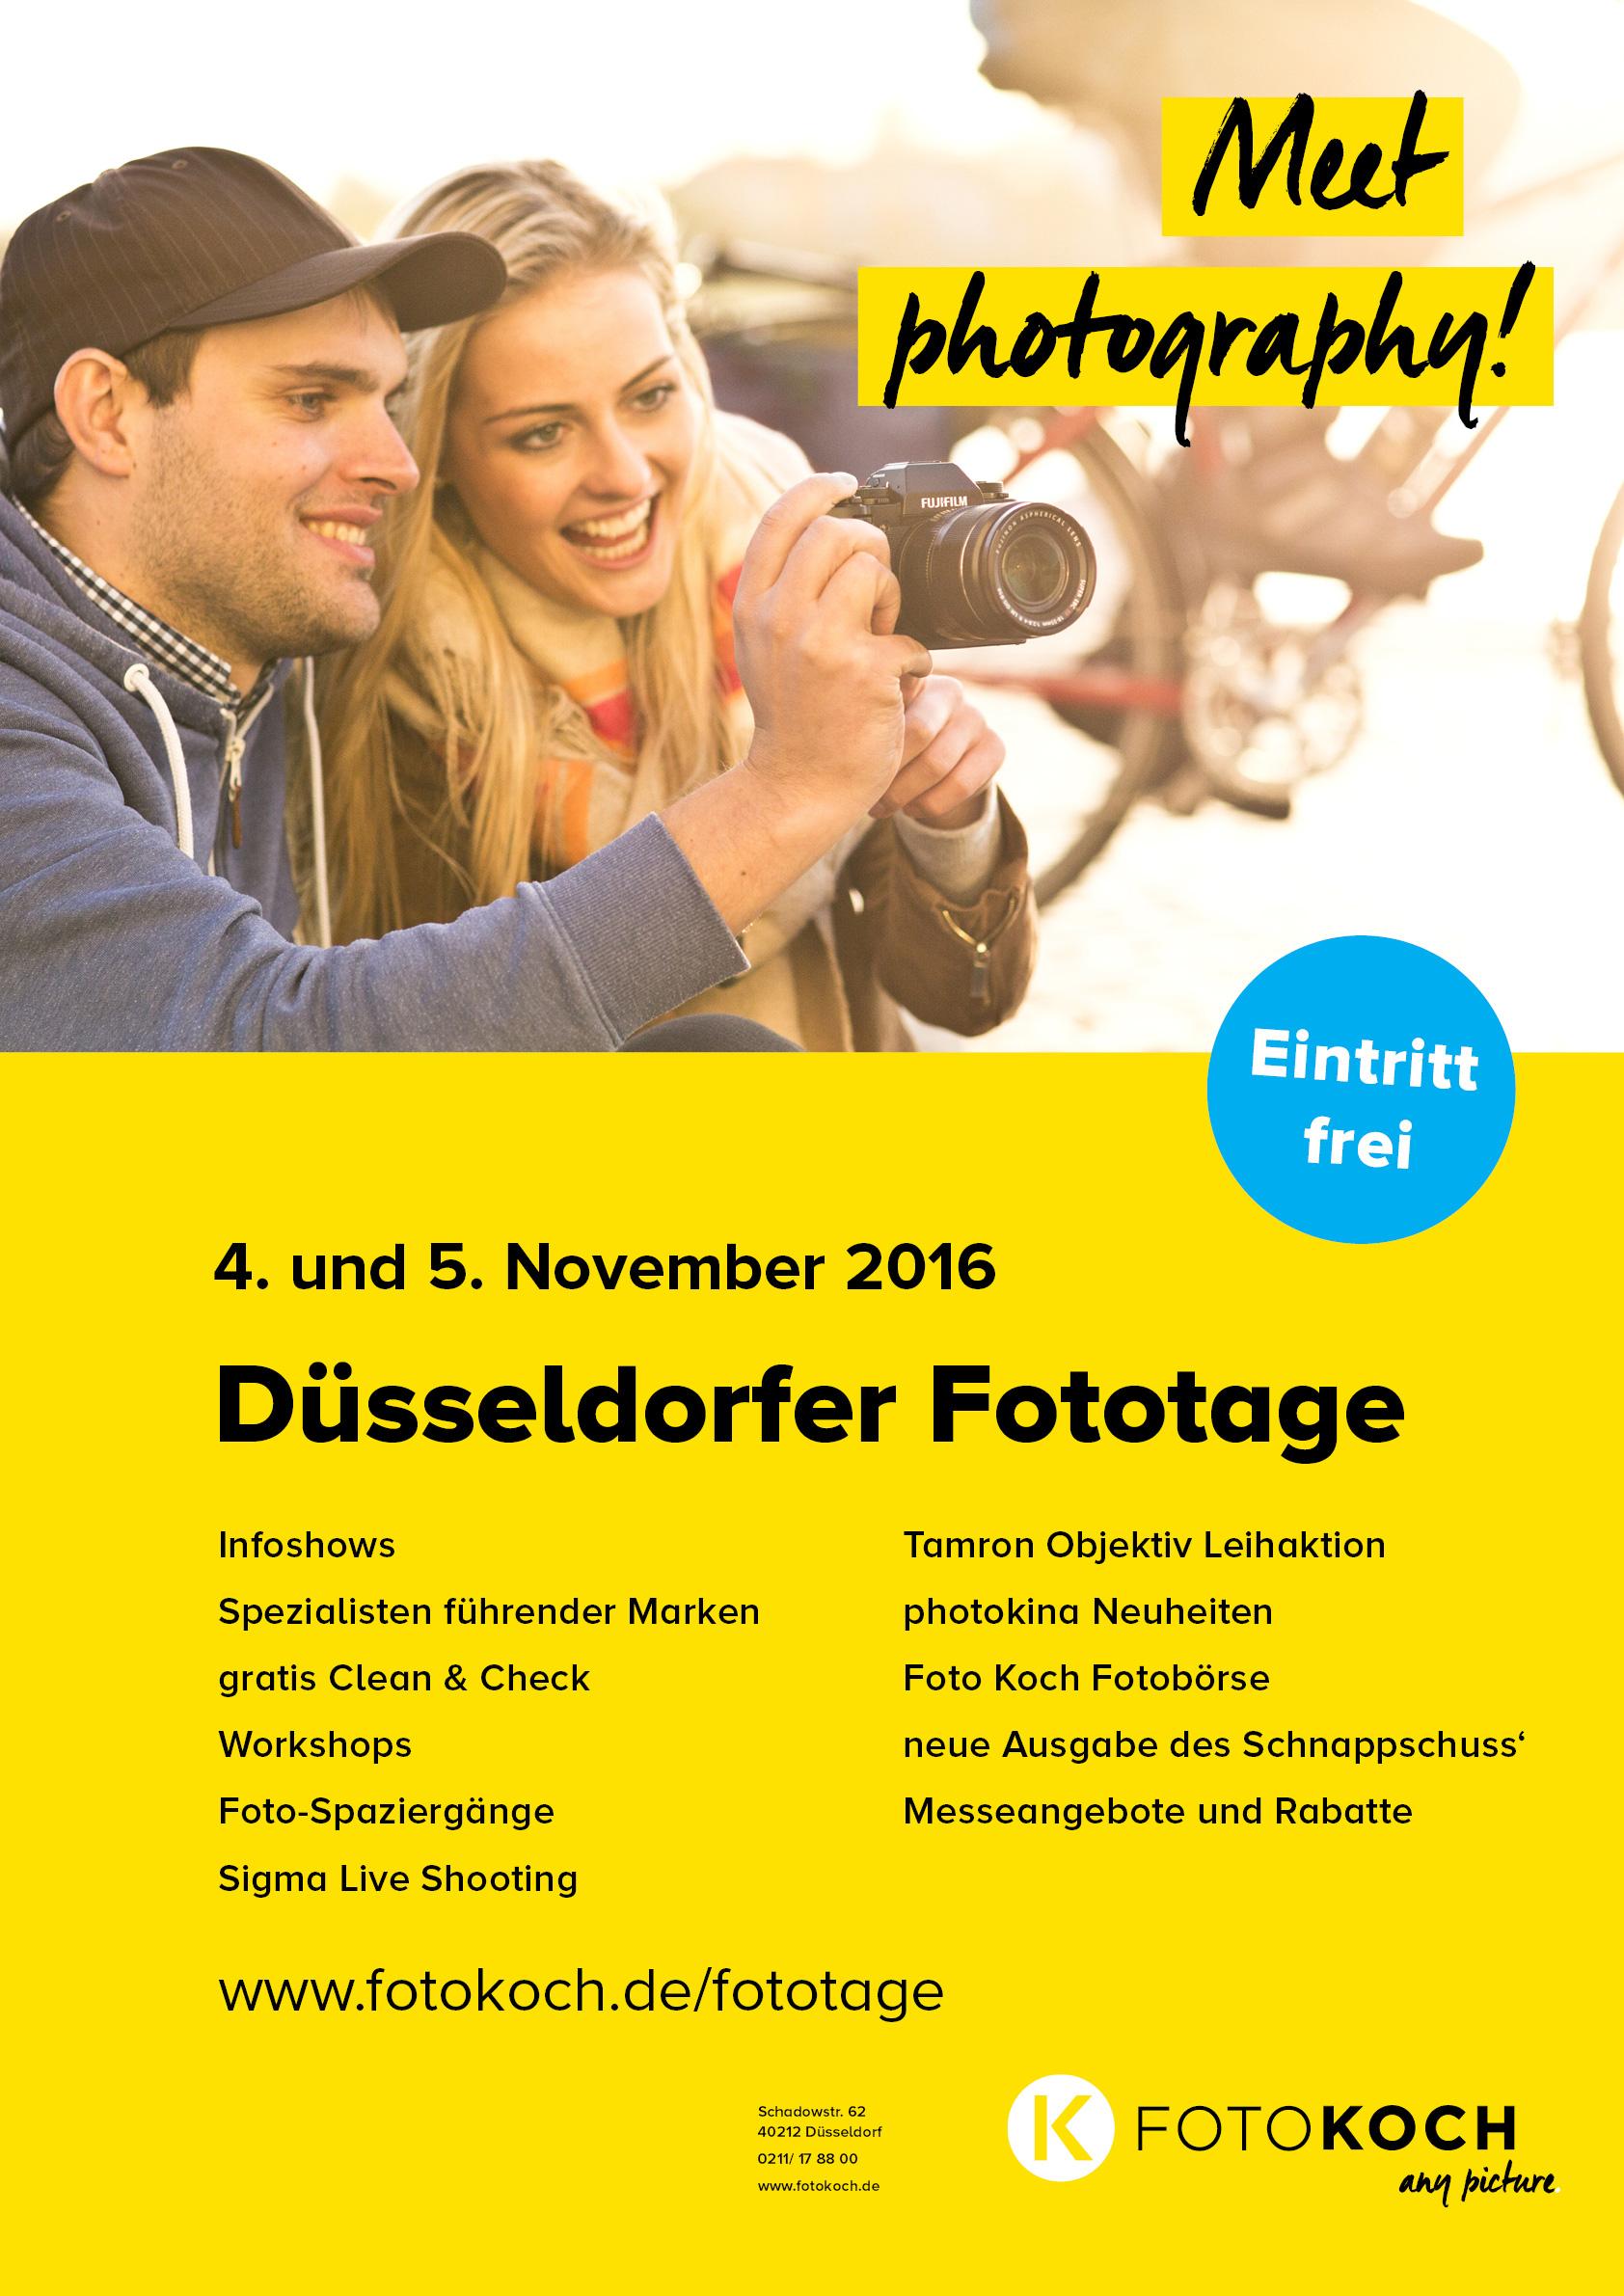 fotokoch.de